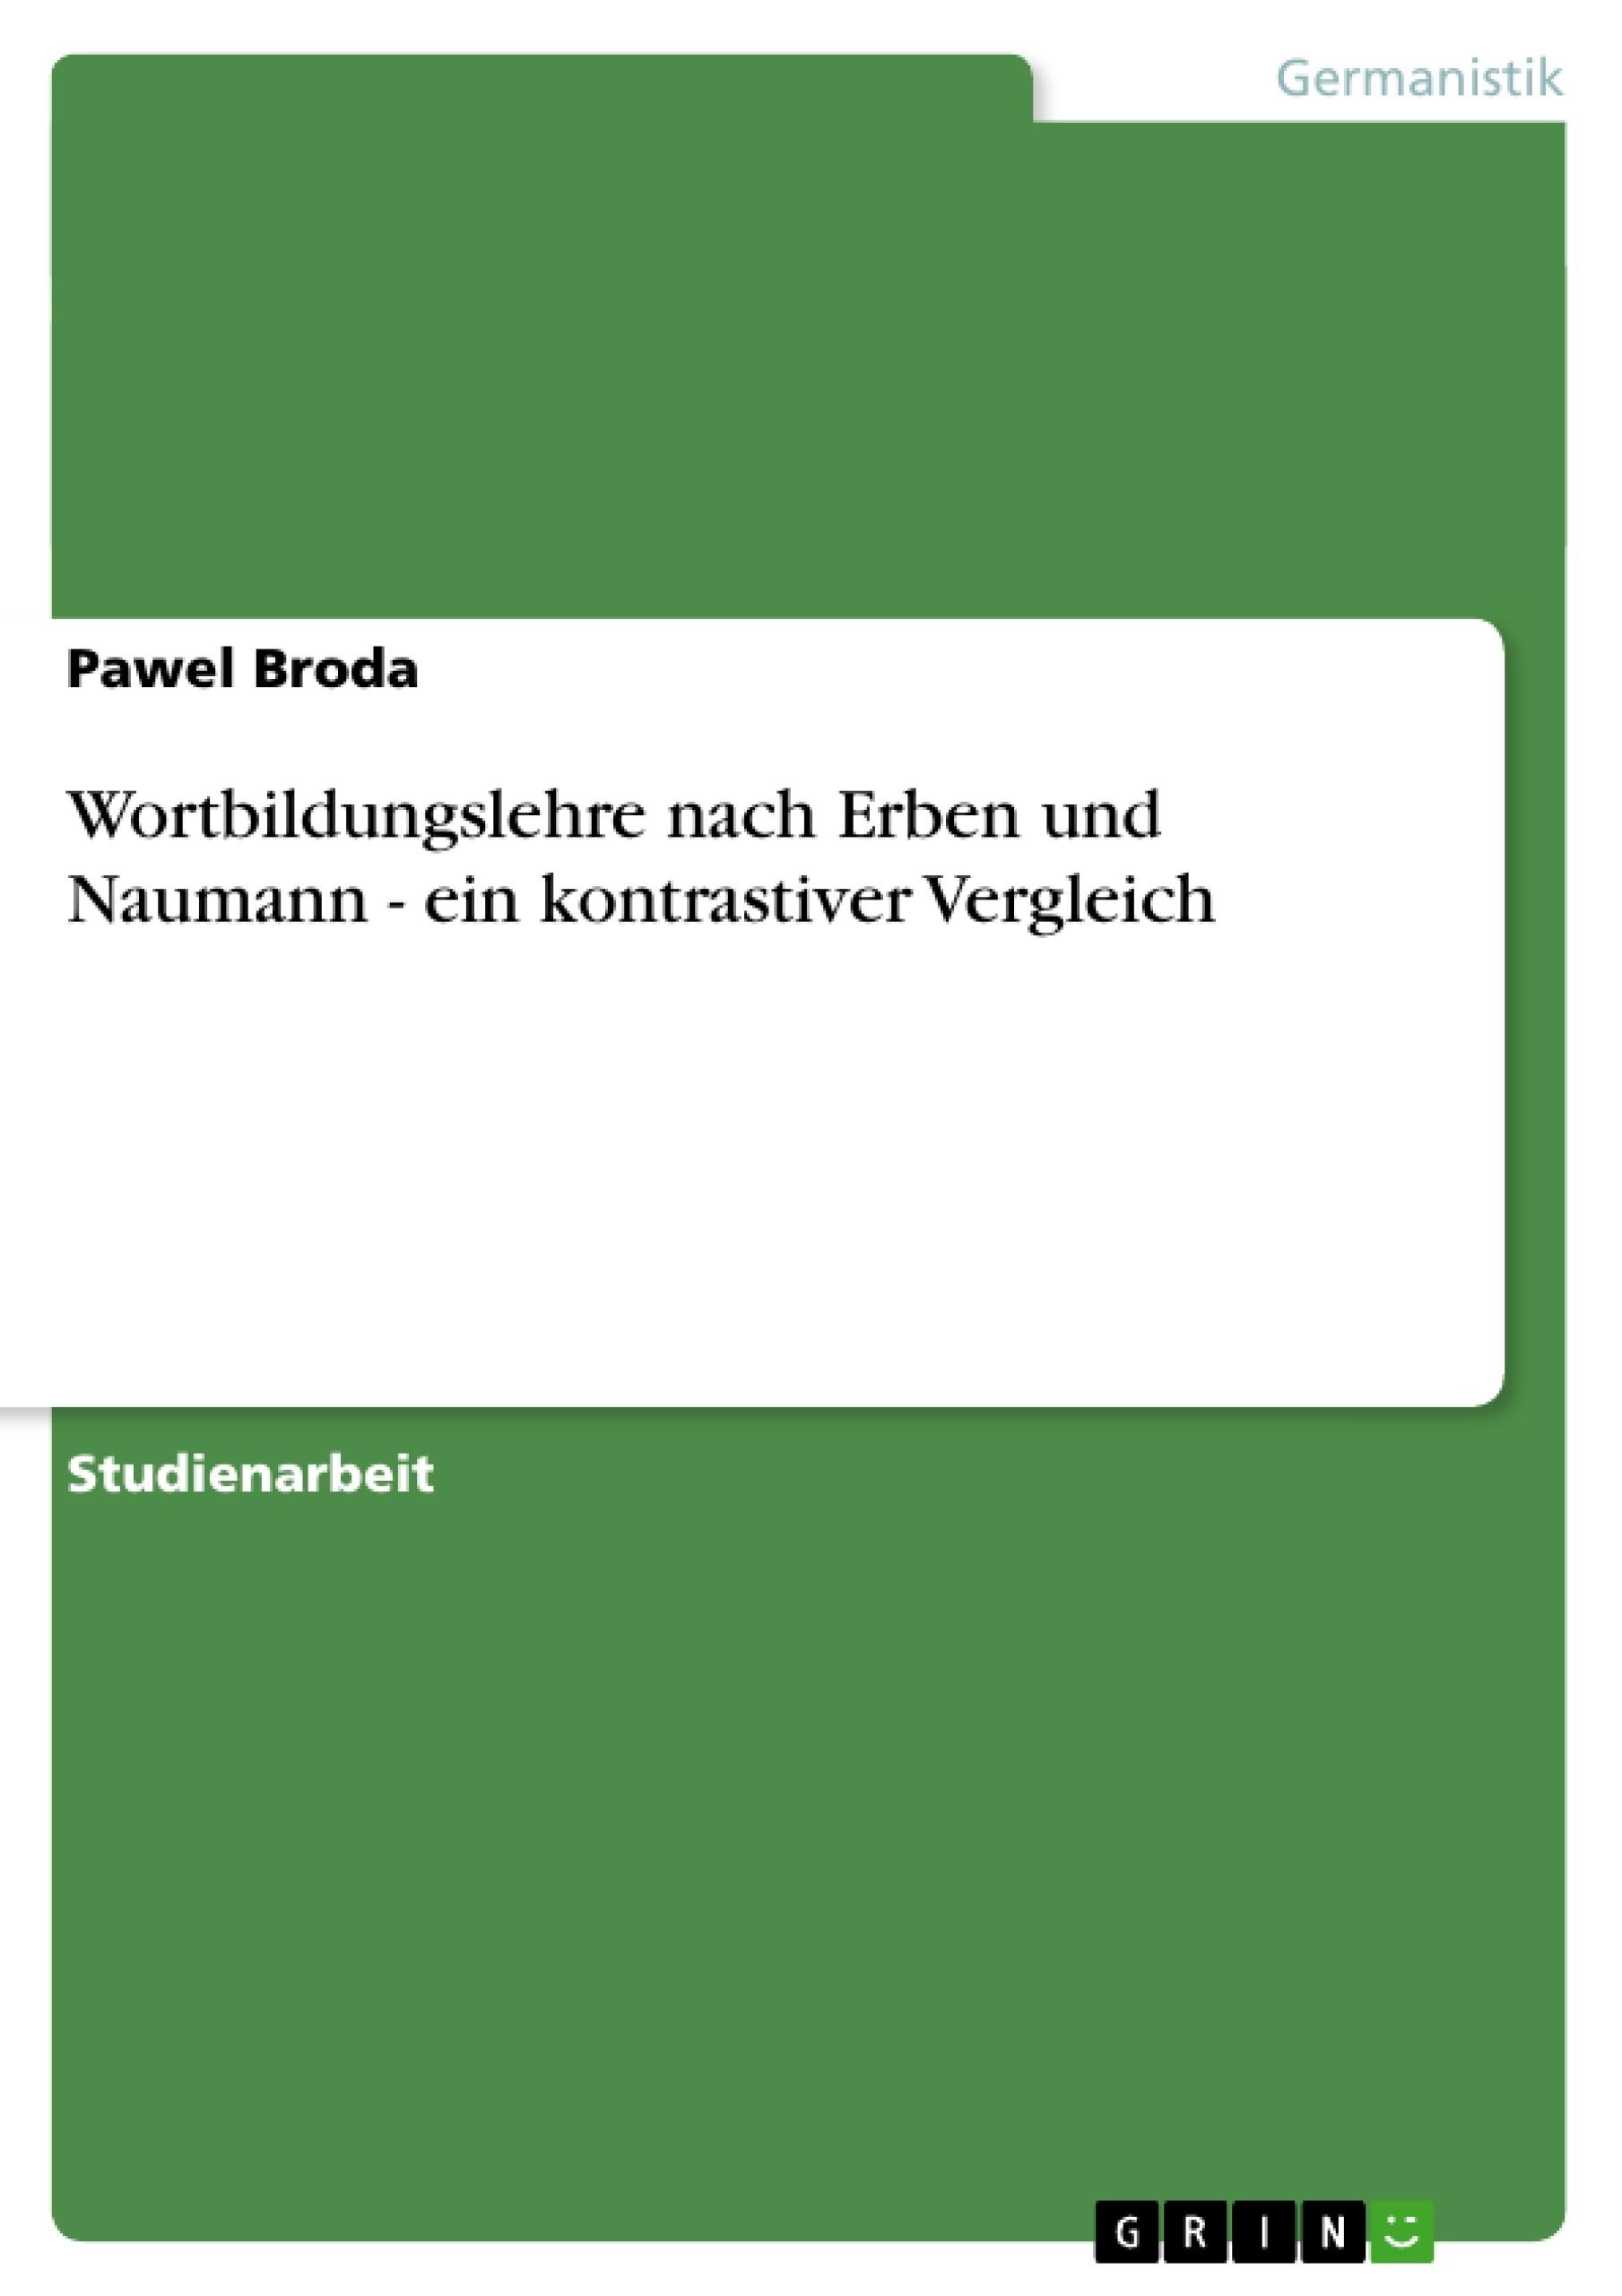 Titel: Wortbildungslehre nach Erben und Naumann - ein kontrastiver Vergleich